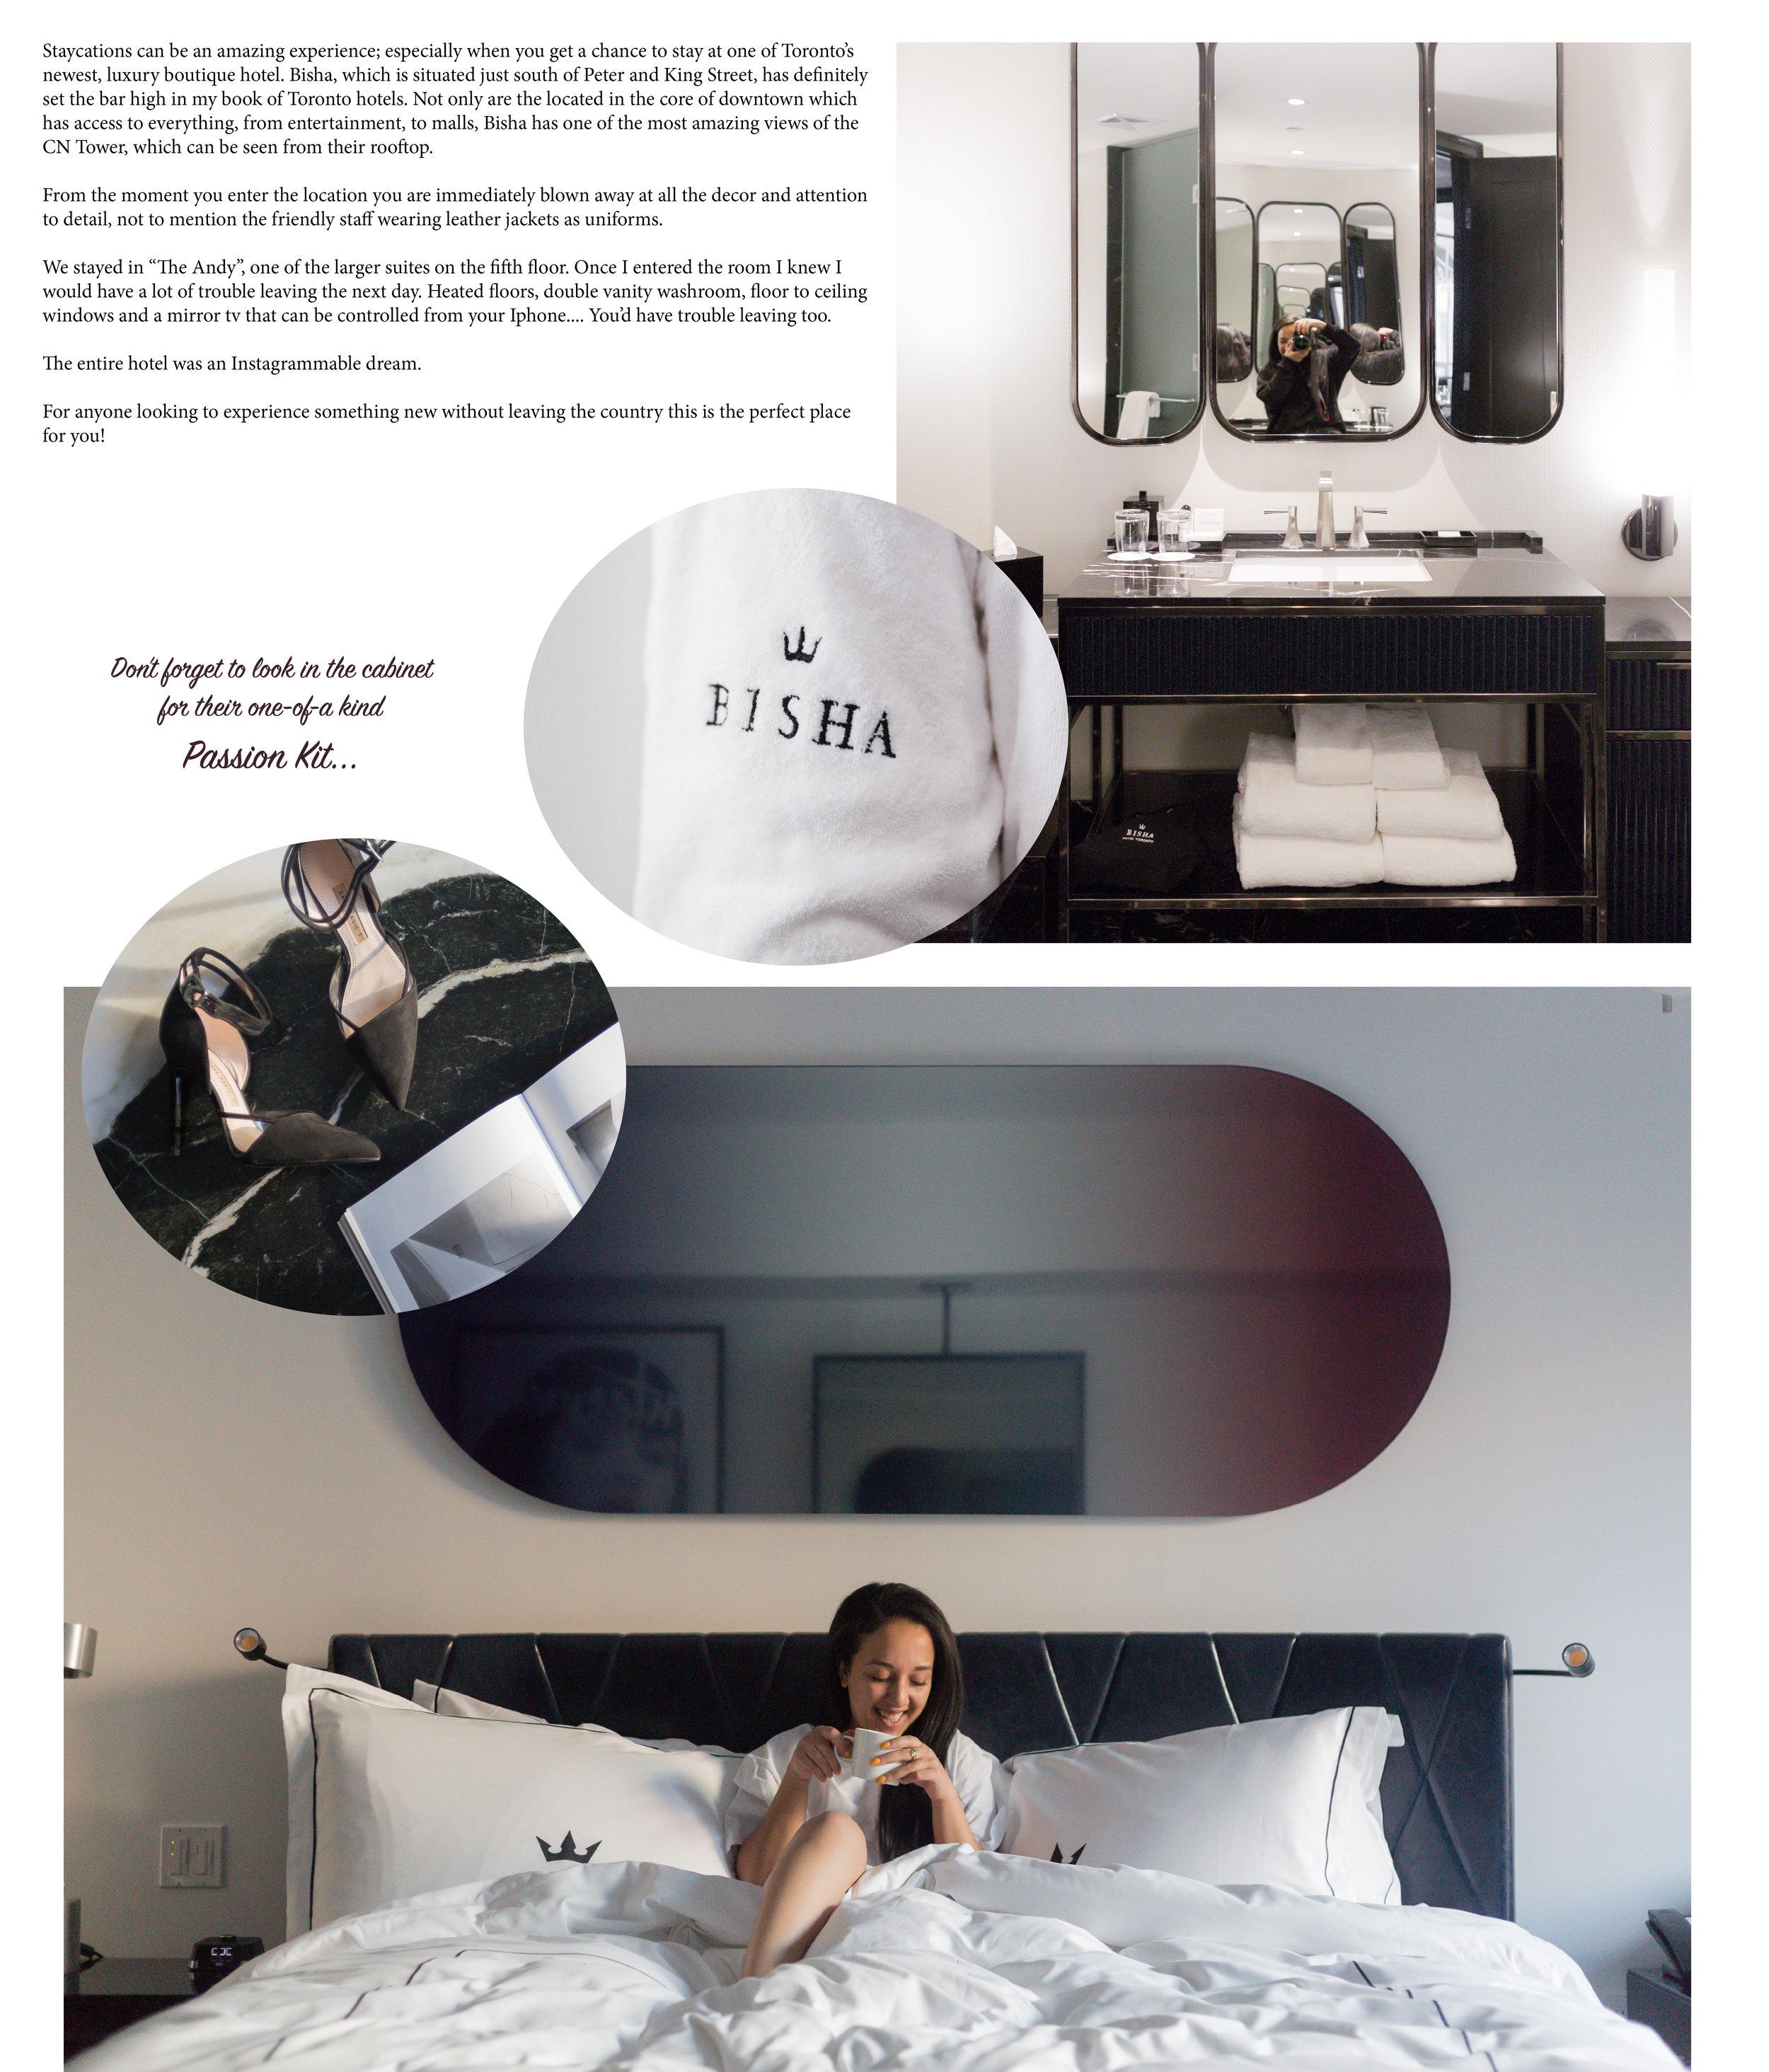 Bisha Hotel - A Desired Journey 1..jpg